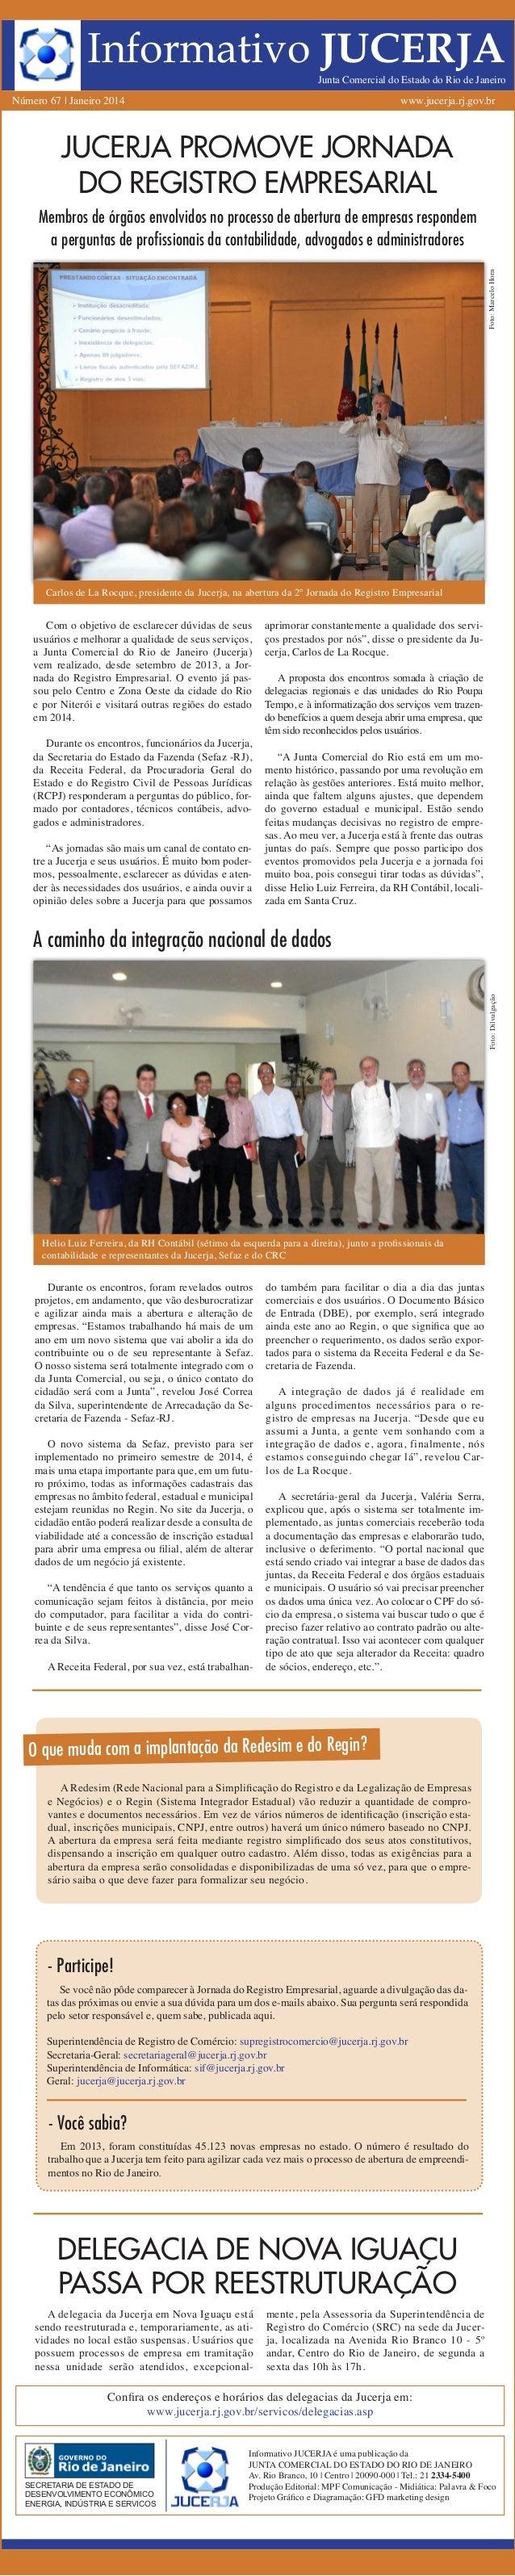 Informativo JUCERJA  Junta Comercial do Estado do Rio de Janeiro  Número 67 | Janeiro 2014  www.jucerja.rj.gov.br  JUCERJA...